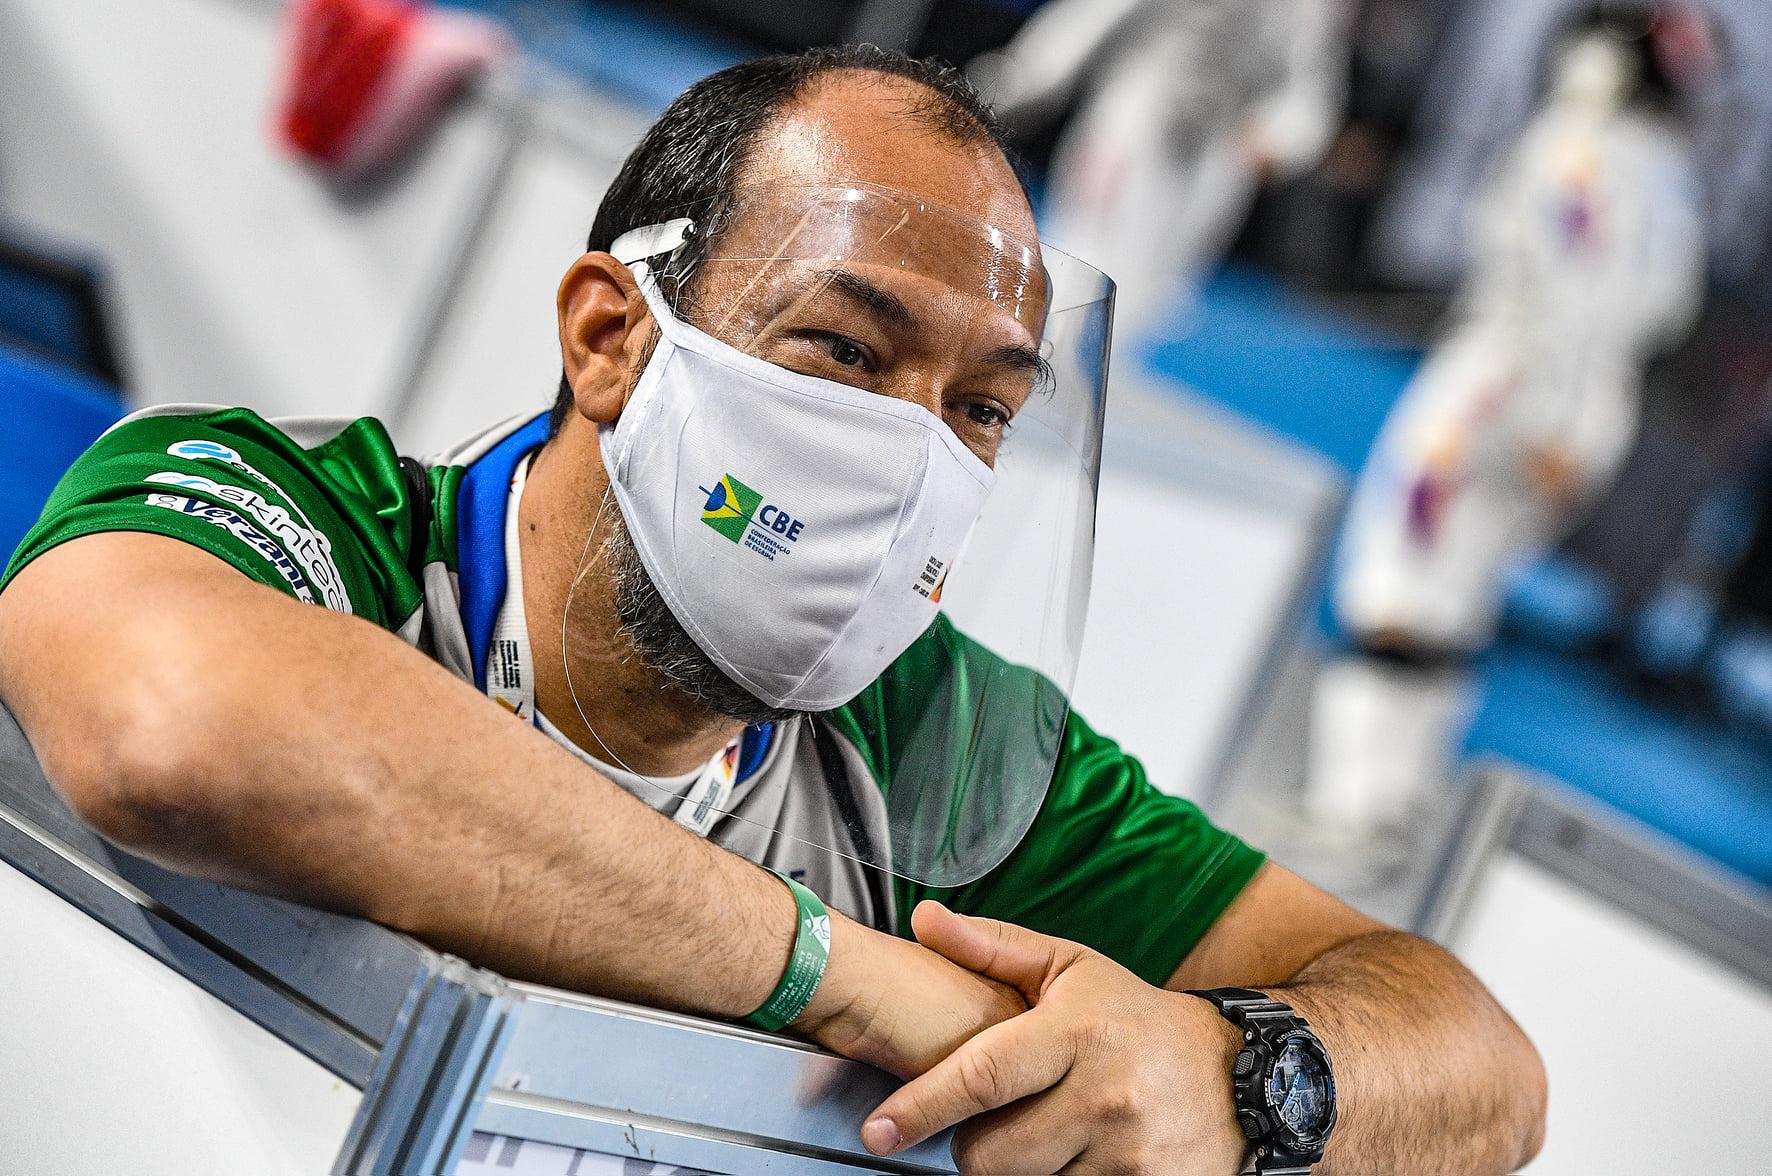 Chefe da equipe brasileira ressalta melhora do desempenho dos esgrimistas do país no Mundial Cadete e Juvenil